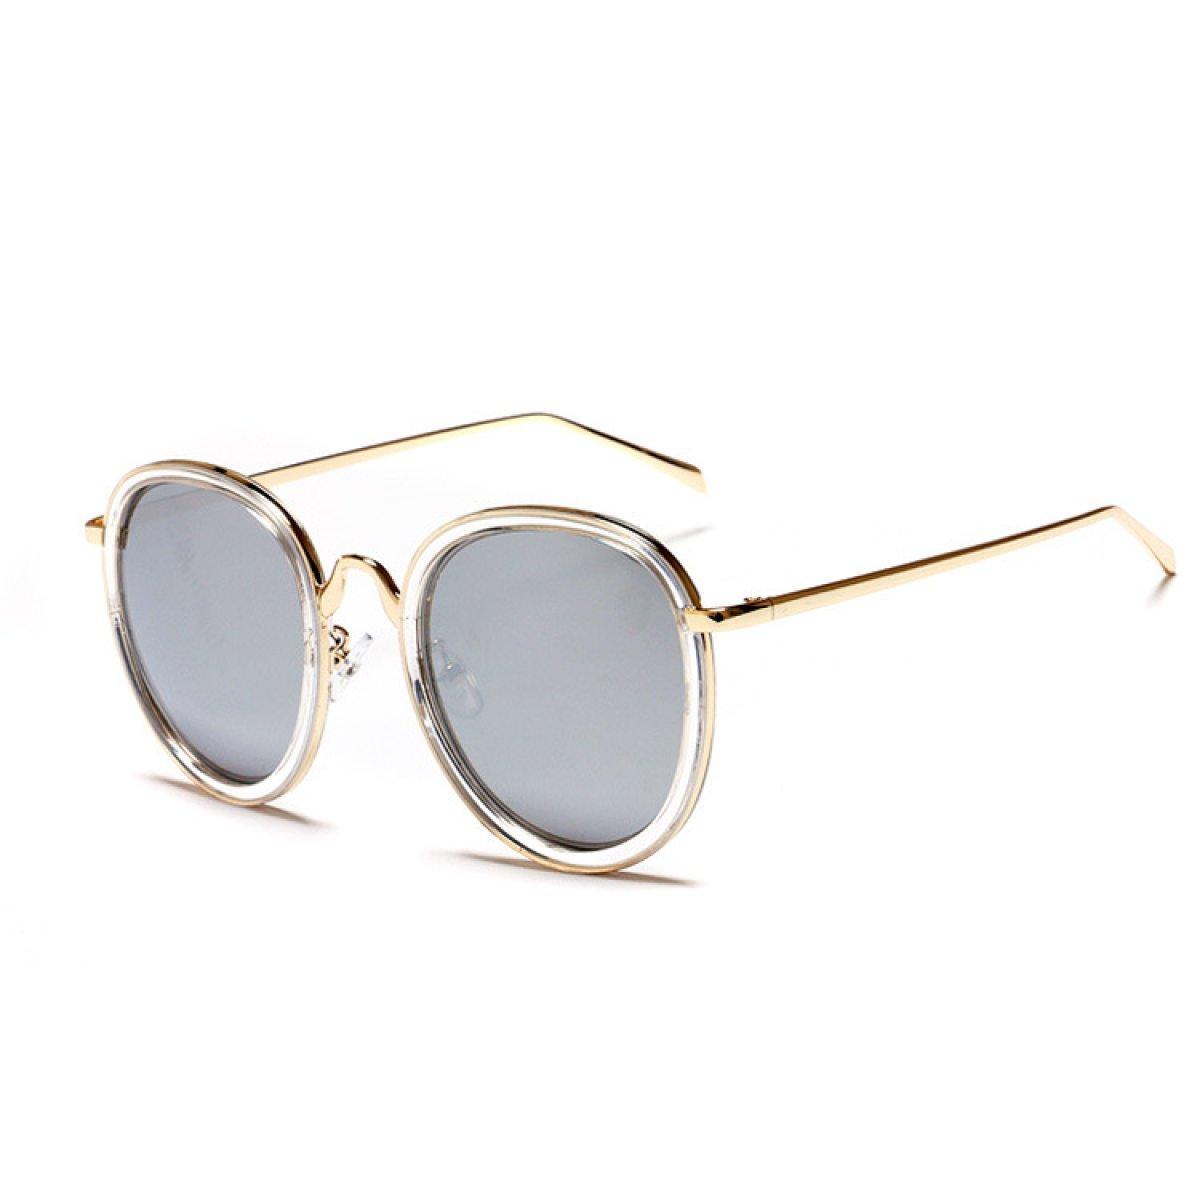 WKAIJC Retro Modisch Stilvoll Personalisiert Bequem Anspruchsvoll Kreativ Farbfilm Sonnenbrillen,B